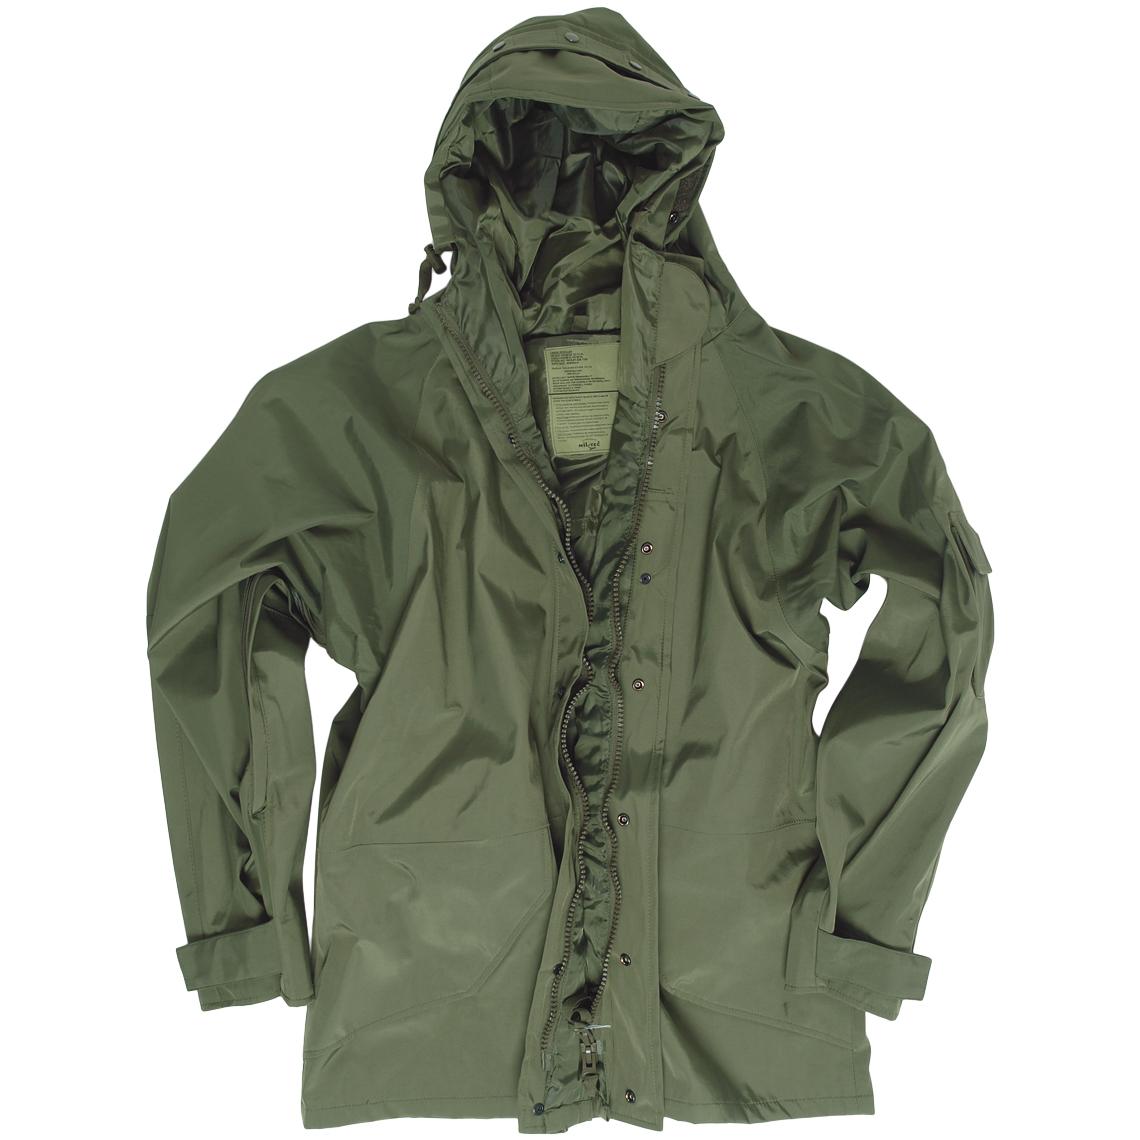 Mil-Tec Waterproof Wet Weather Hooded Jacket Military Hunting ...